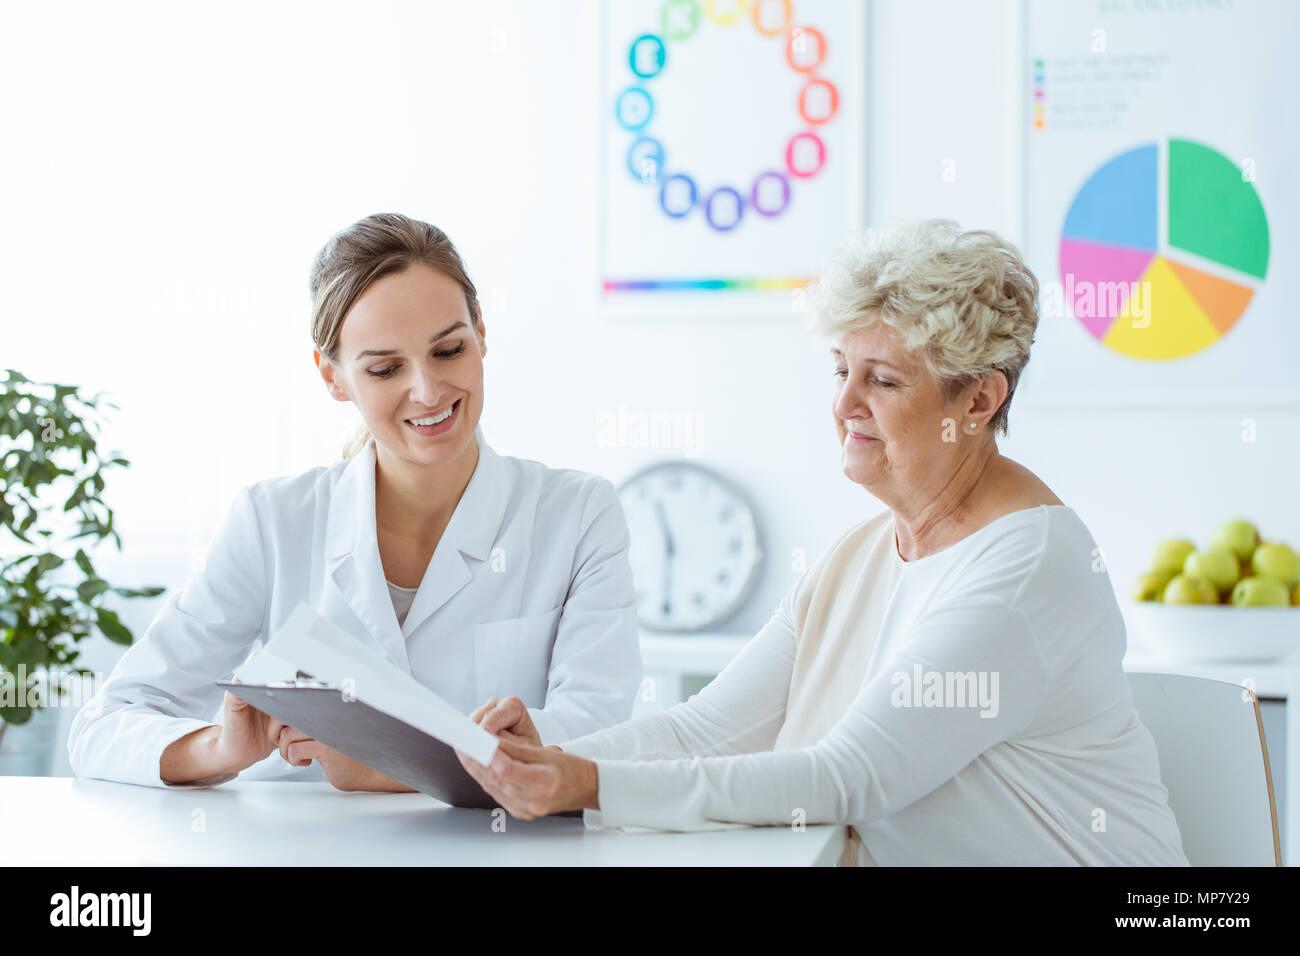 Nutricionista sonriente mostrando personalizado plan de dieta de pérdida de peso a su paciente senior Imagen De Stock